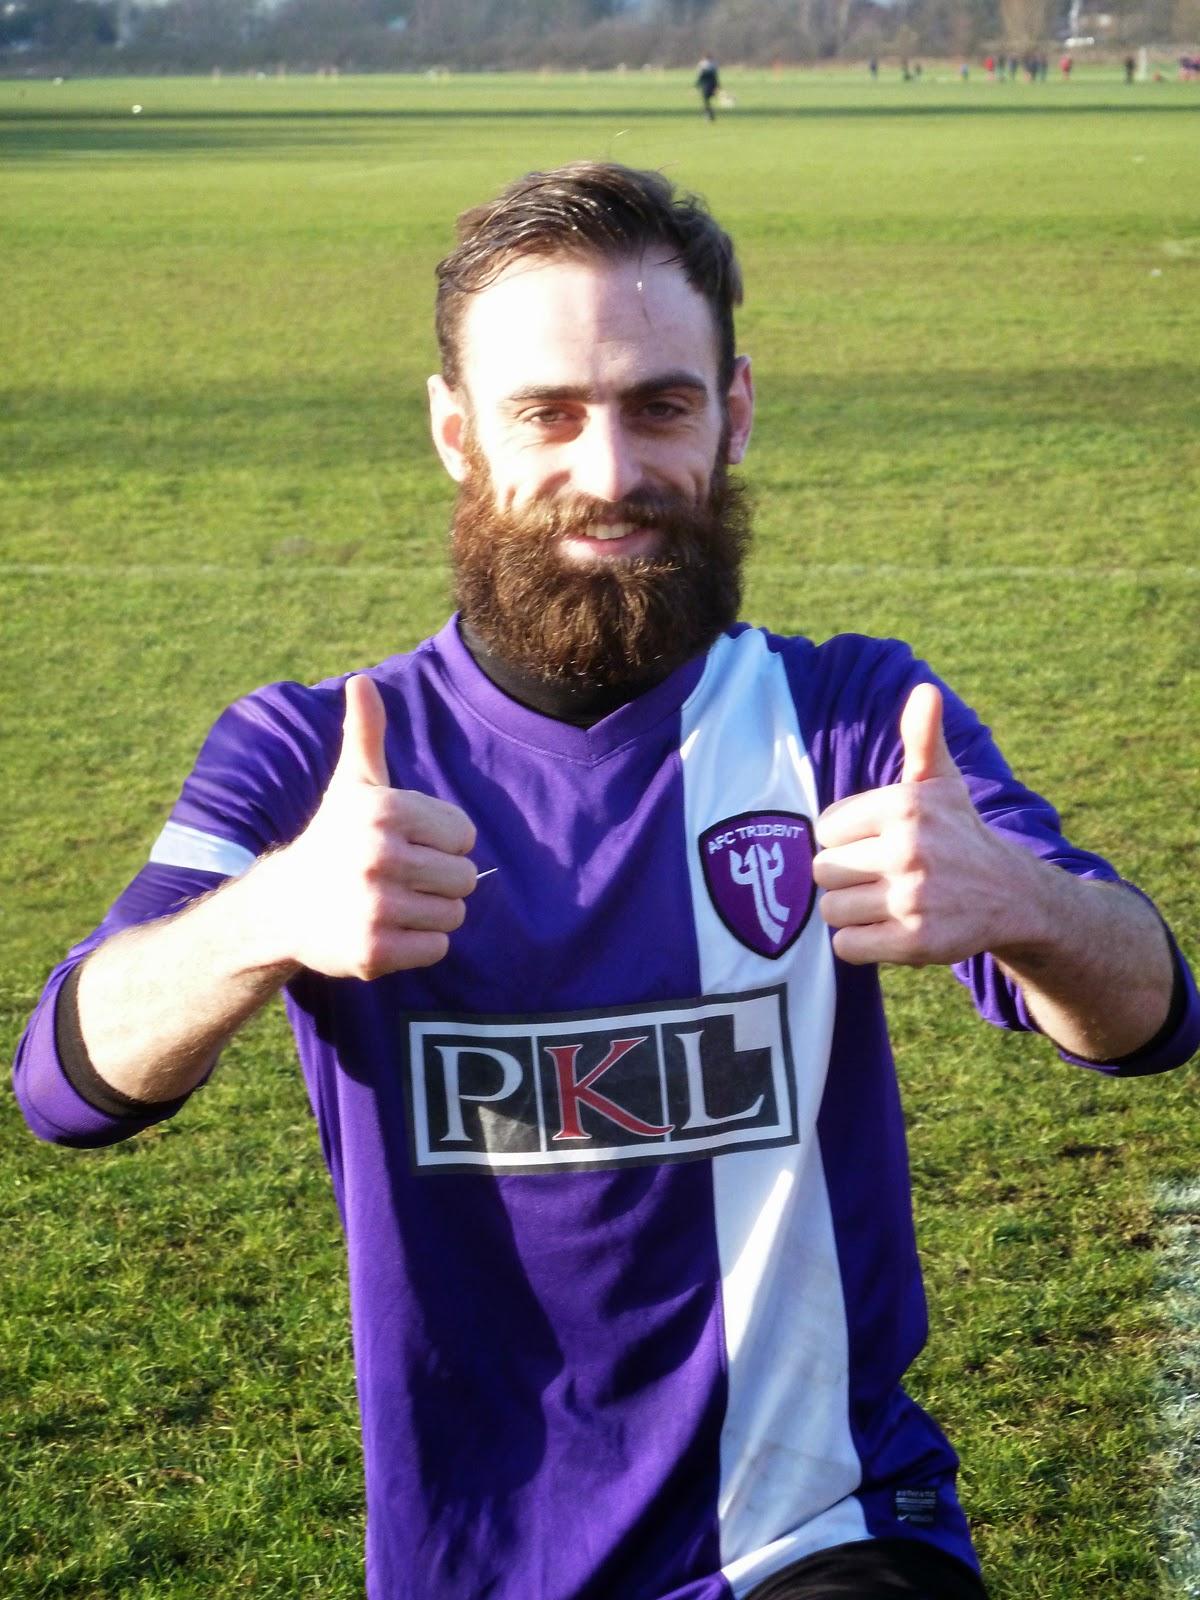 PKL Sponsors AFC Trident | Karl's beard